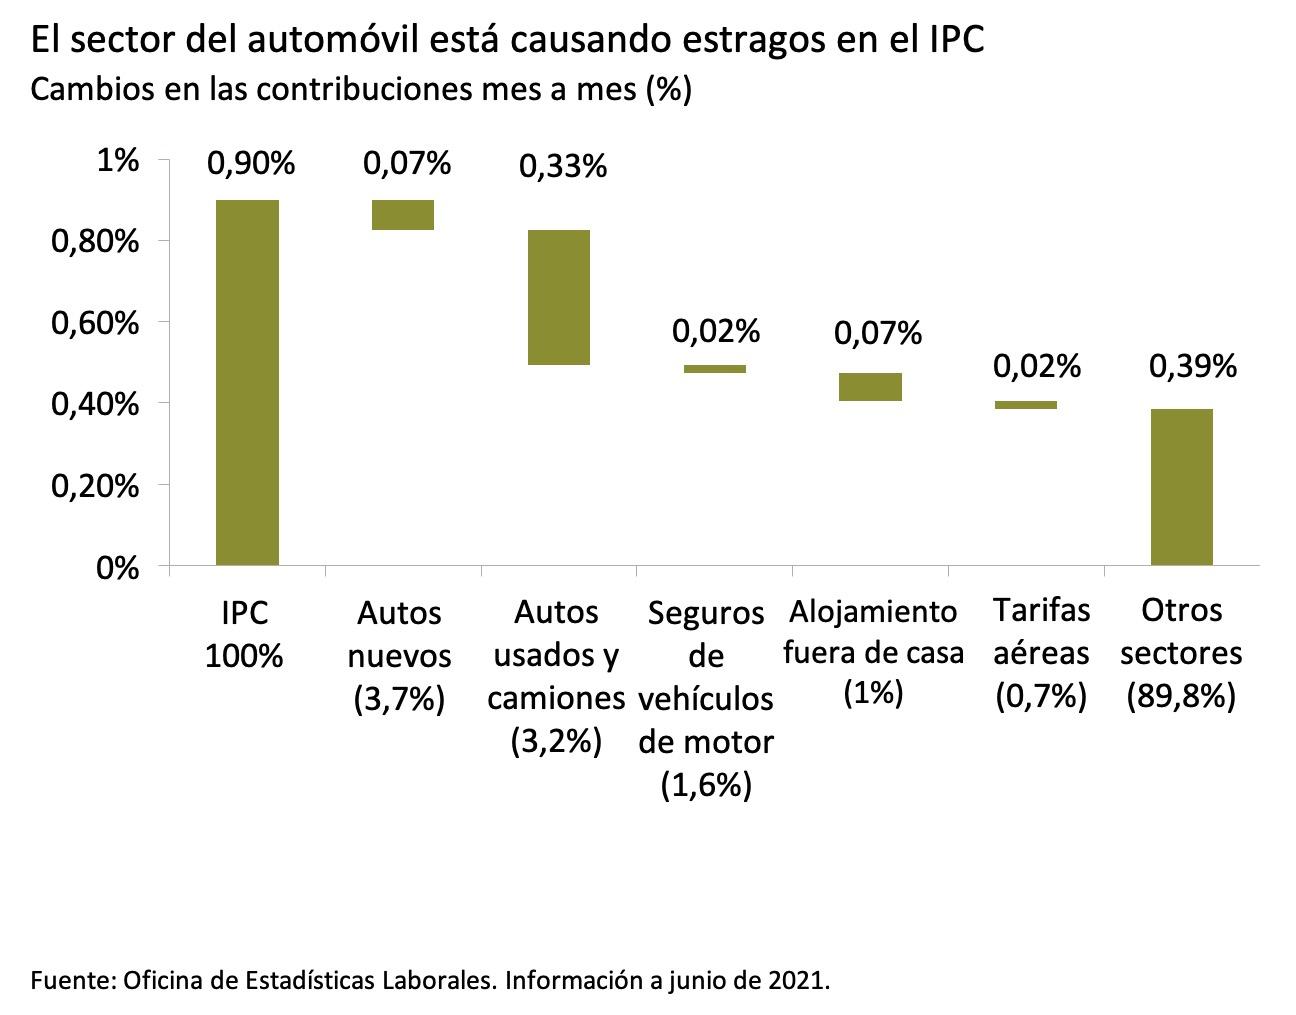 Este gráfico muestra la contribución en puntos porcentuales de varios sectores al Índice de Precios al Consumidor (IPC) agregado de 0,90% mes a mes para junio de 2021, con los autos y camiones usados representando la porción más grande, con 0,33%.